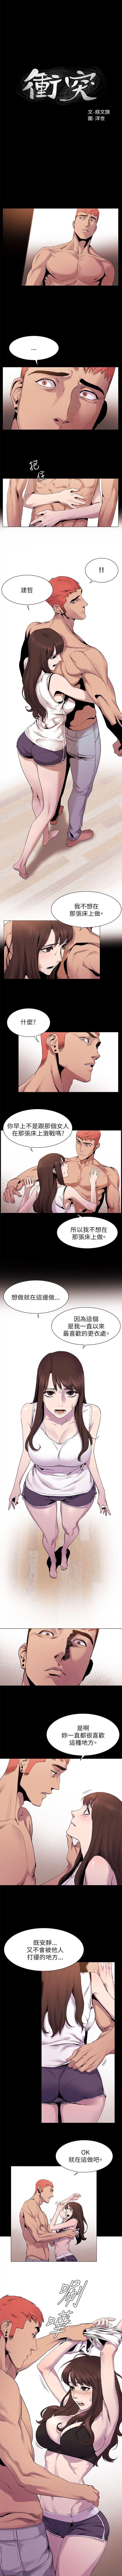 (週5)衝突 1-94 中文翻譯 (更新中) 38